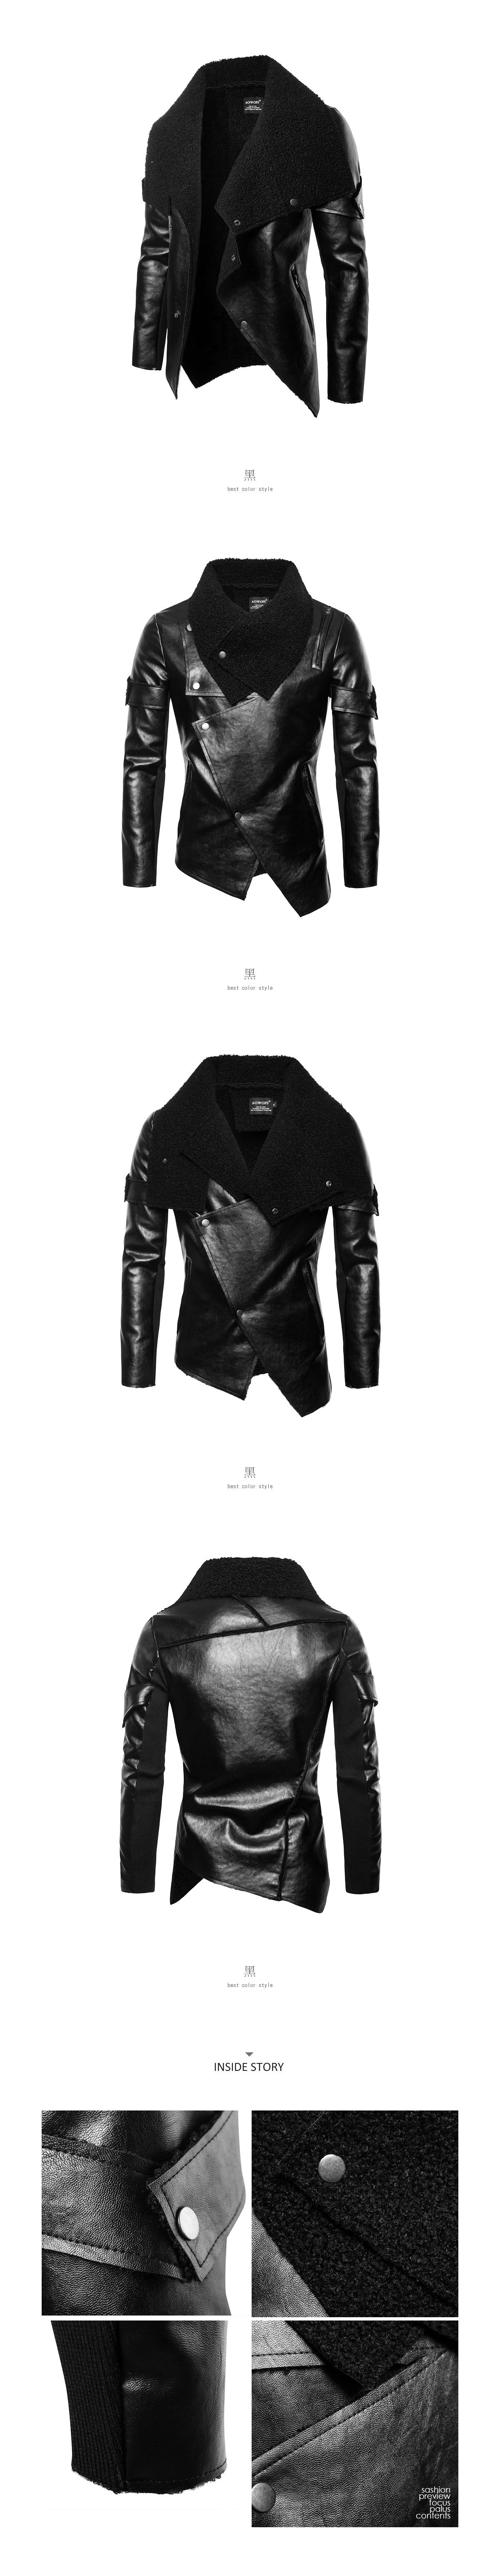 【季末出清】DARK ROCK.短絨大翻領設計皮革大衣外套